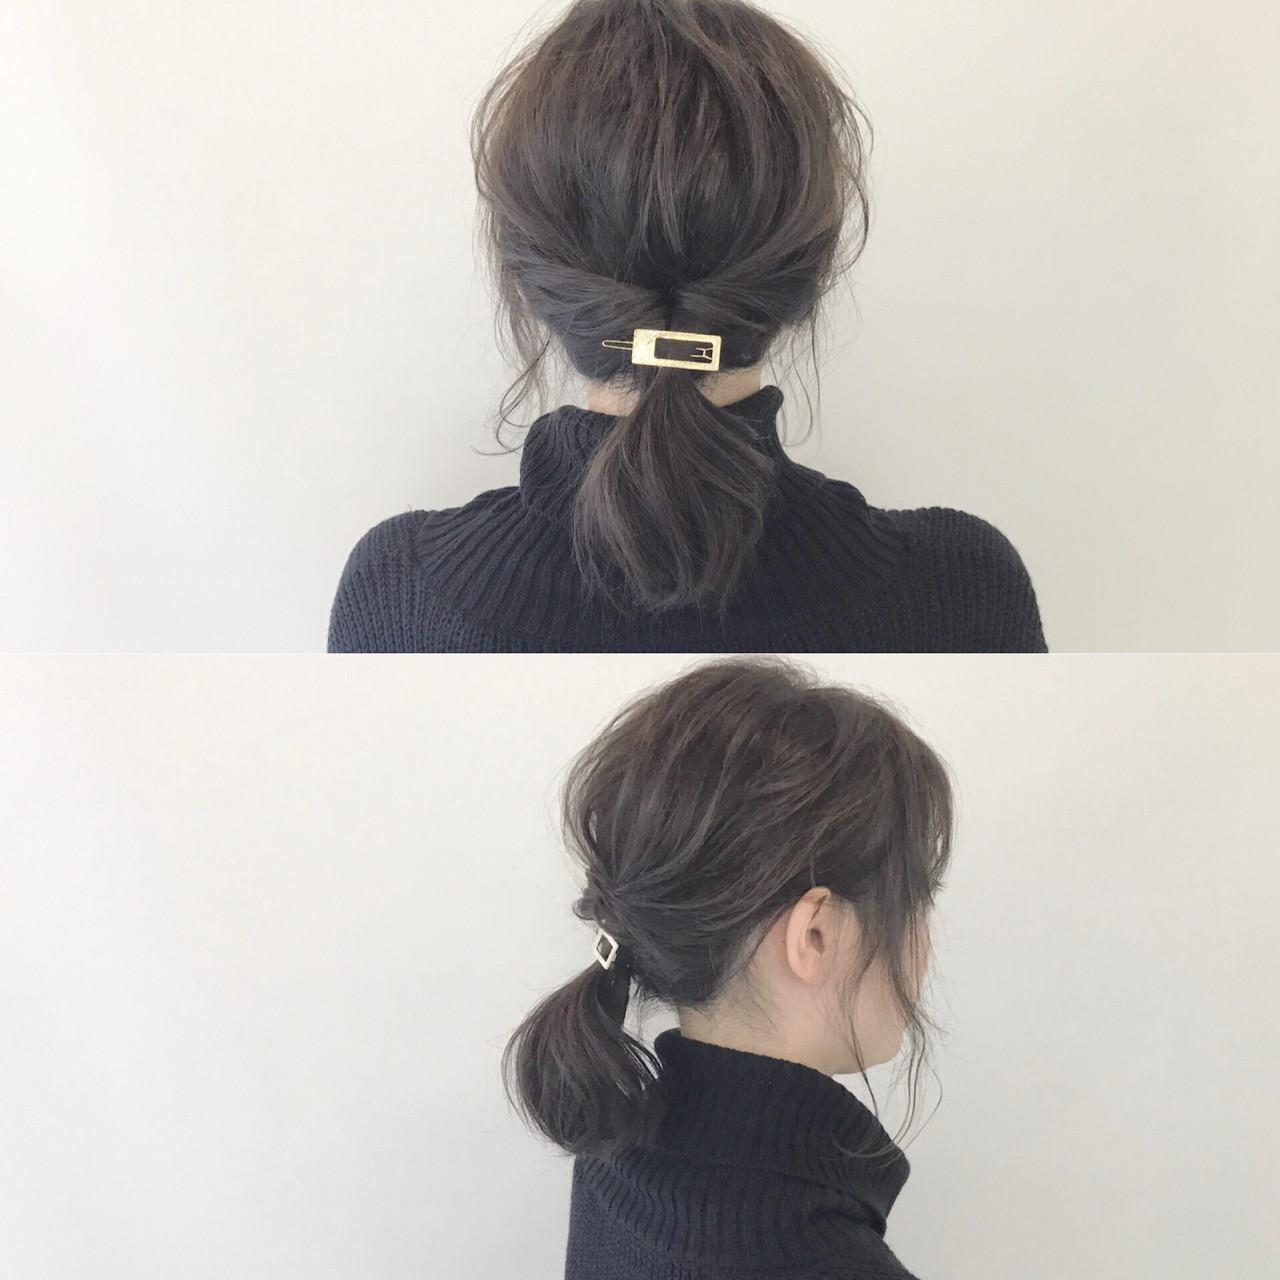 すぐできるのがうれしい♡簡単まとめ髪レシピまとめ 新谷 朋宏